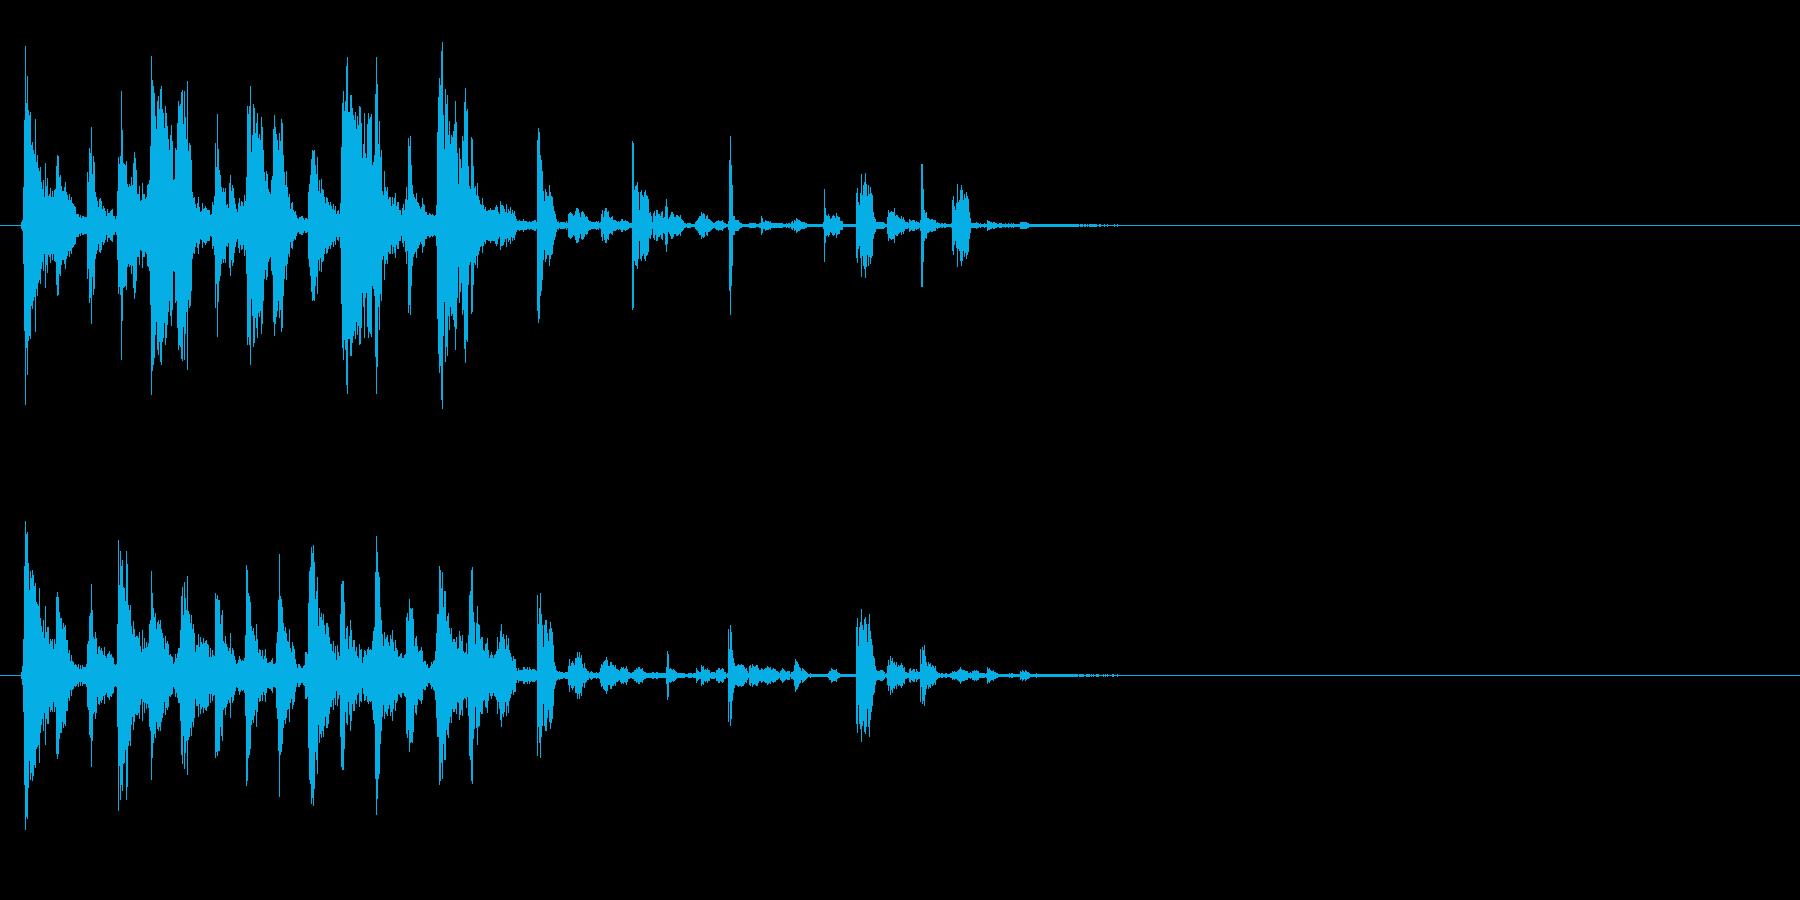 リズム系映像のテーマテロップ音の再生済みの波形